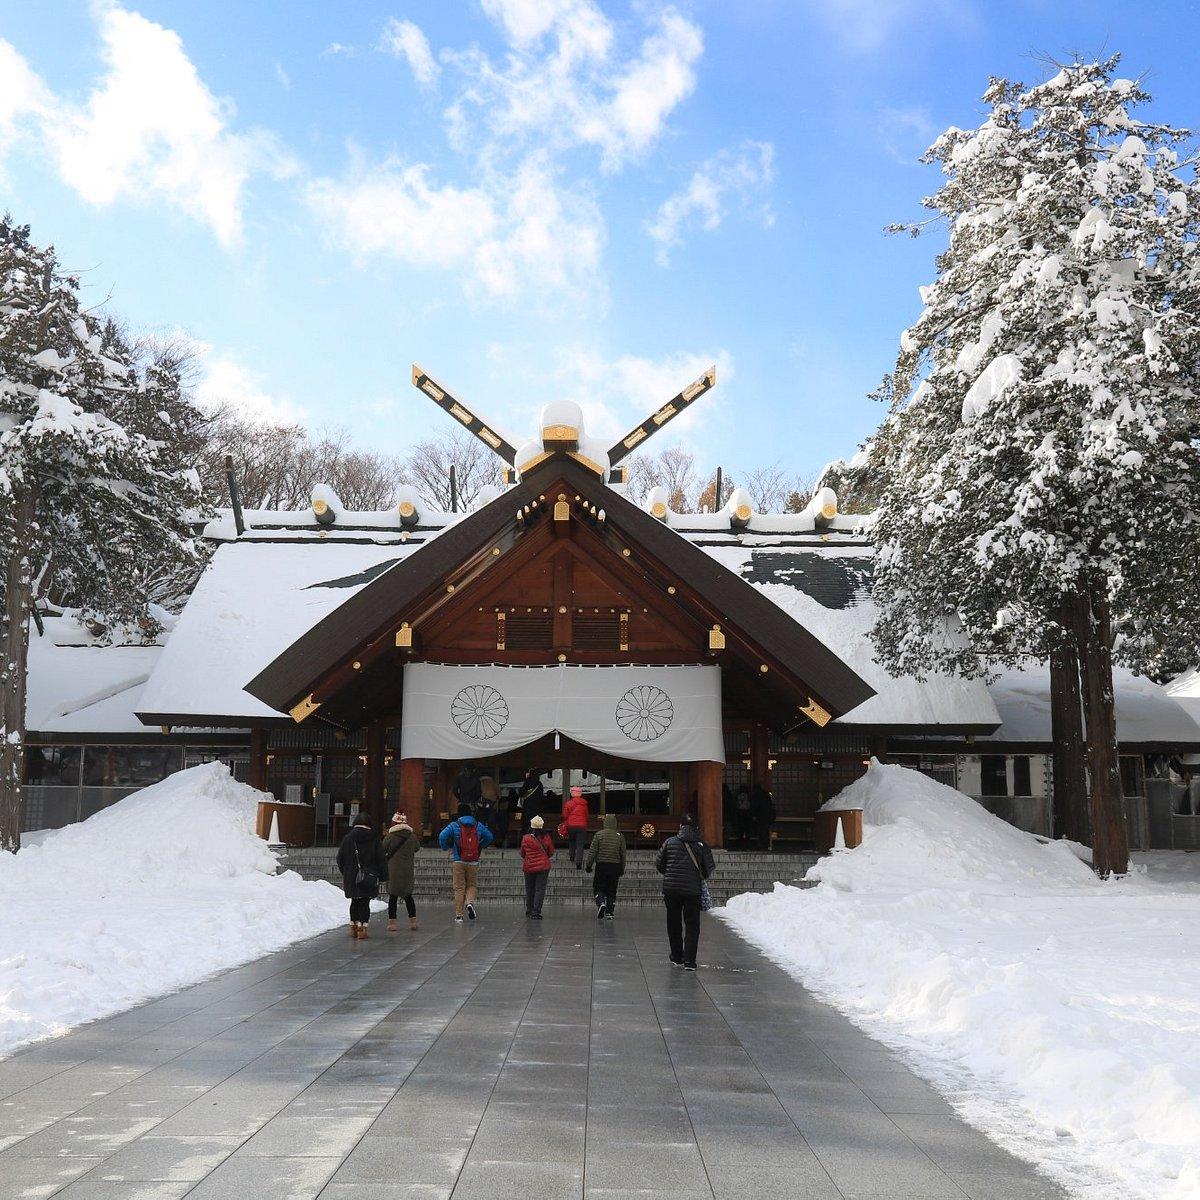 北海道神宮 口コミ・写真・地図・情報 - トリップアドバイザー